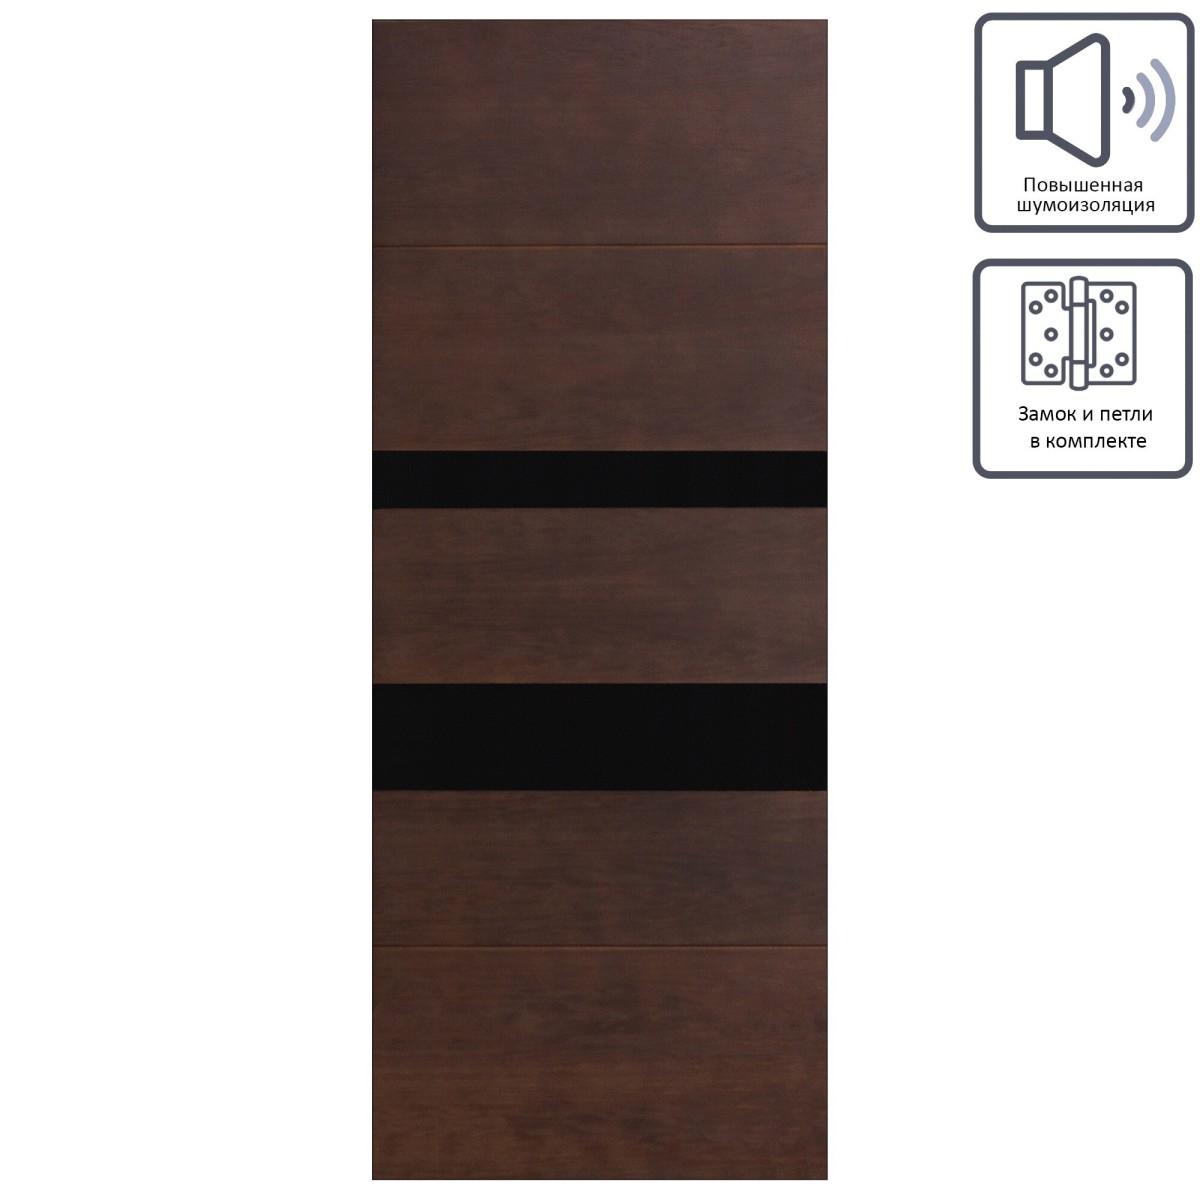 Дверь межкомнатная остеклённая шпон Модерн 90x200 см цвет антик